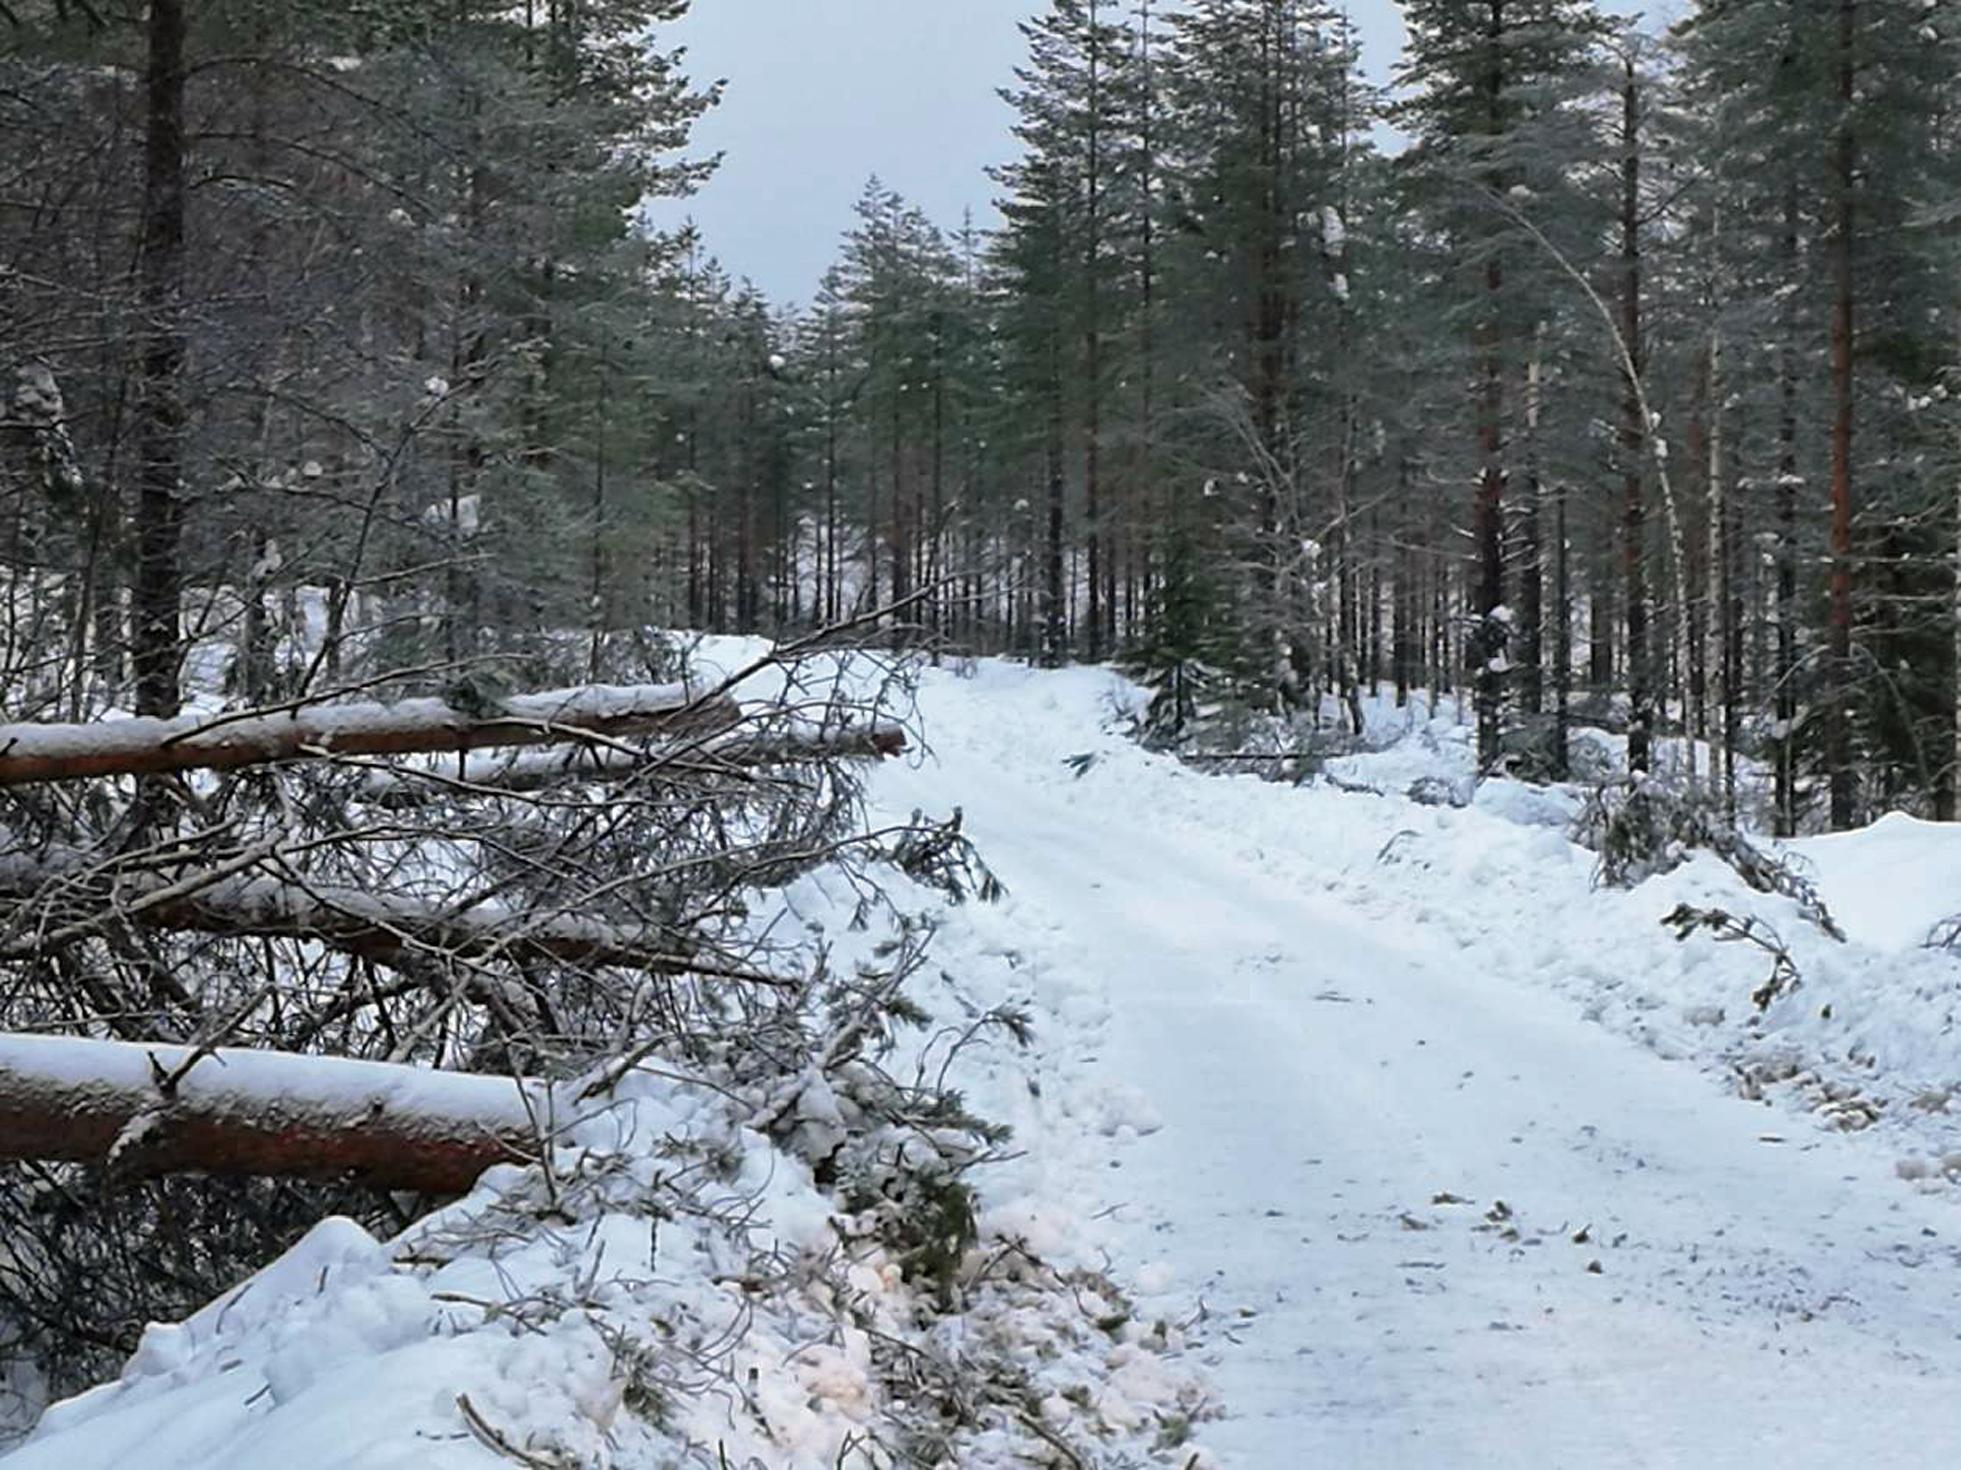 """Tielle kaatuneet puut muodostaneet """"tietullin"""", joka pitää maksaa puut katkomalla. (kuva: JarmoLaatikainen)"""